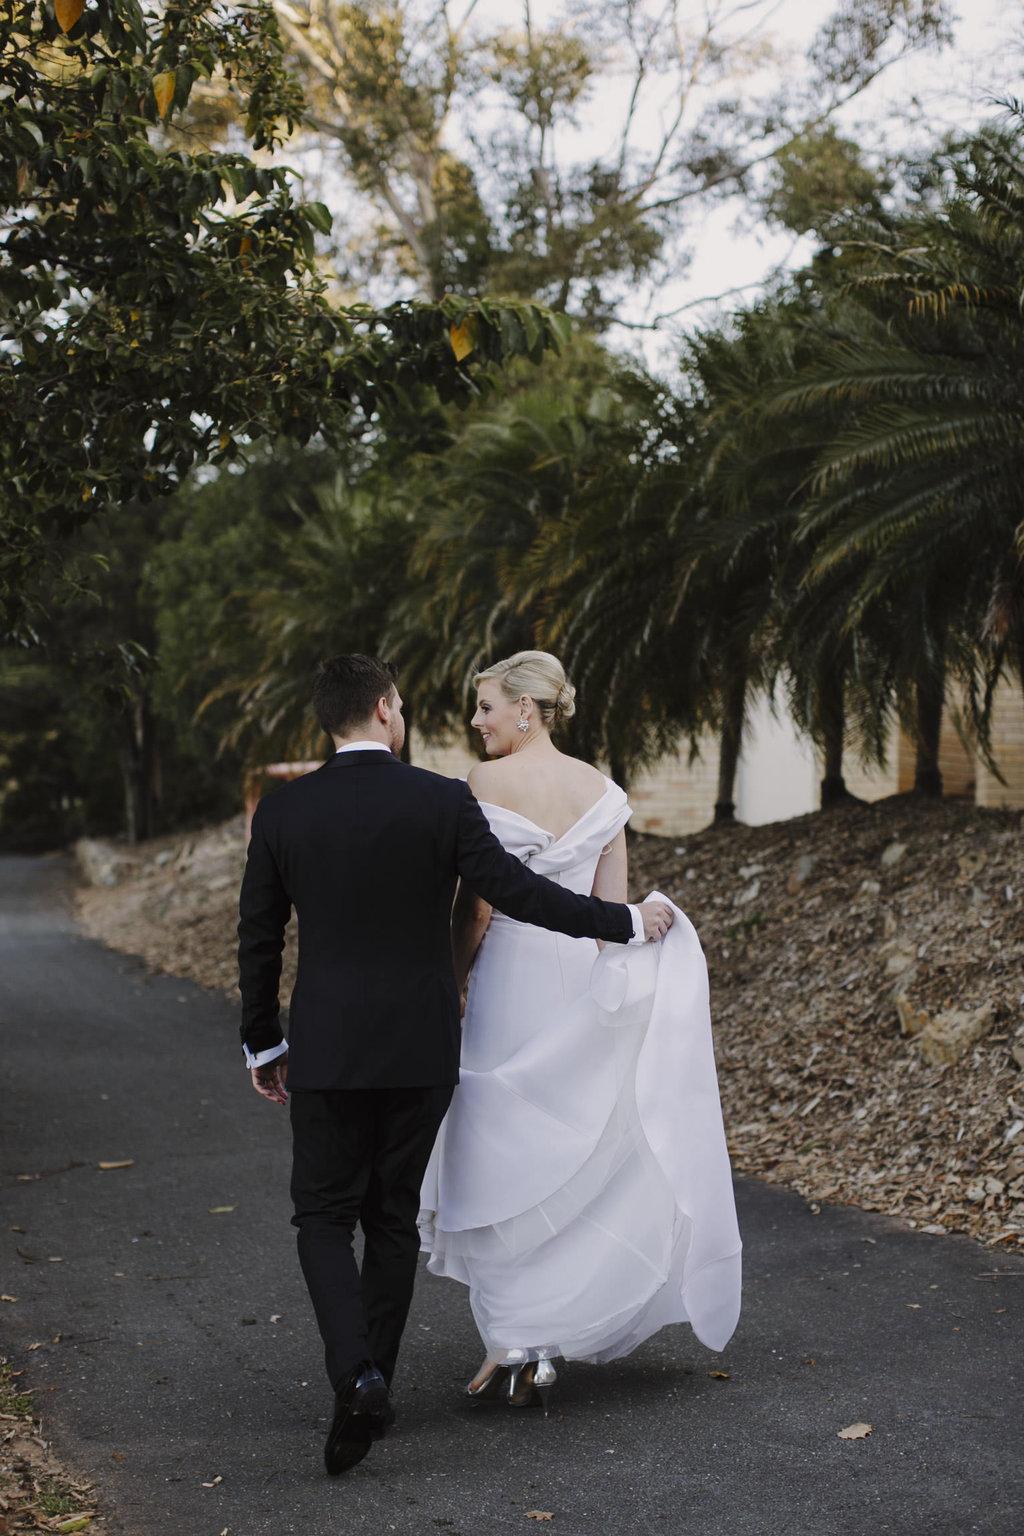 161015_justinaaron_wedding_nicola_aaron_w-476.jpg